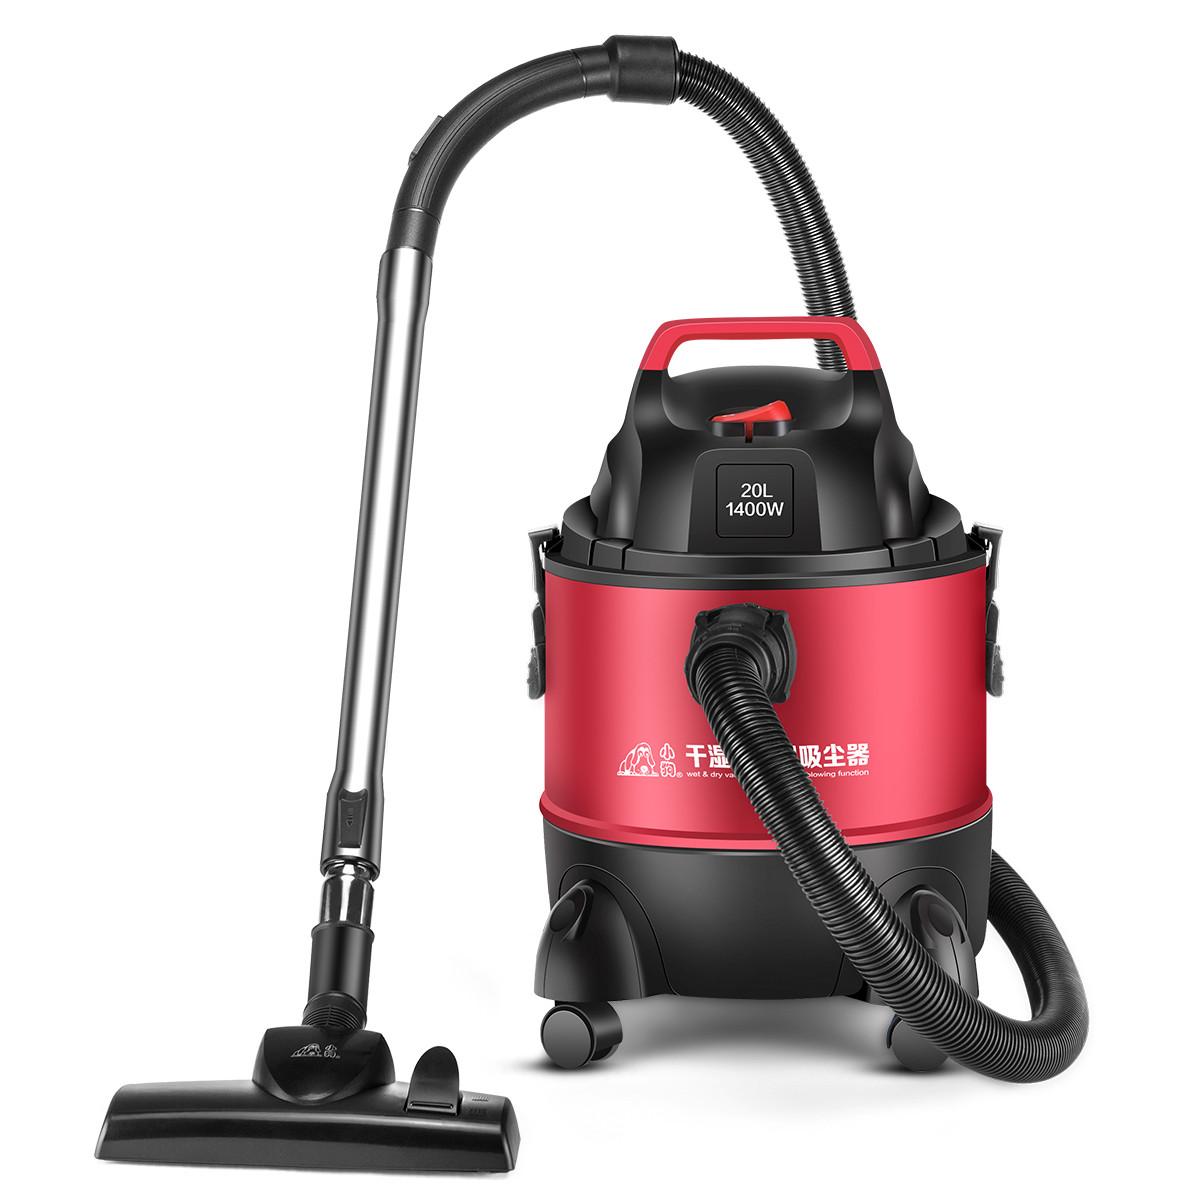 子犬掃除機家庭用強力絨毯桶式工業用乾湿両用大出力小型機D-807